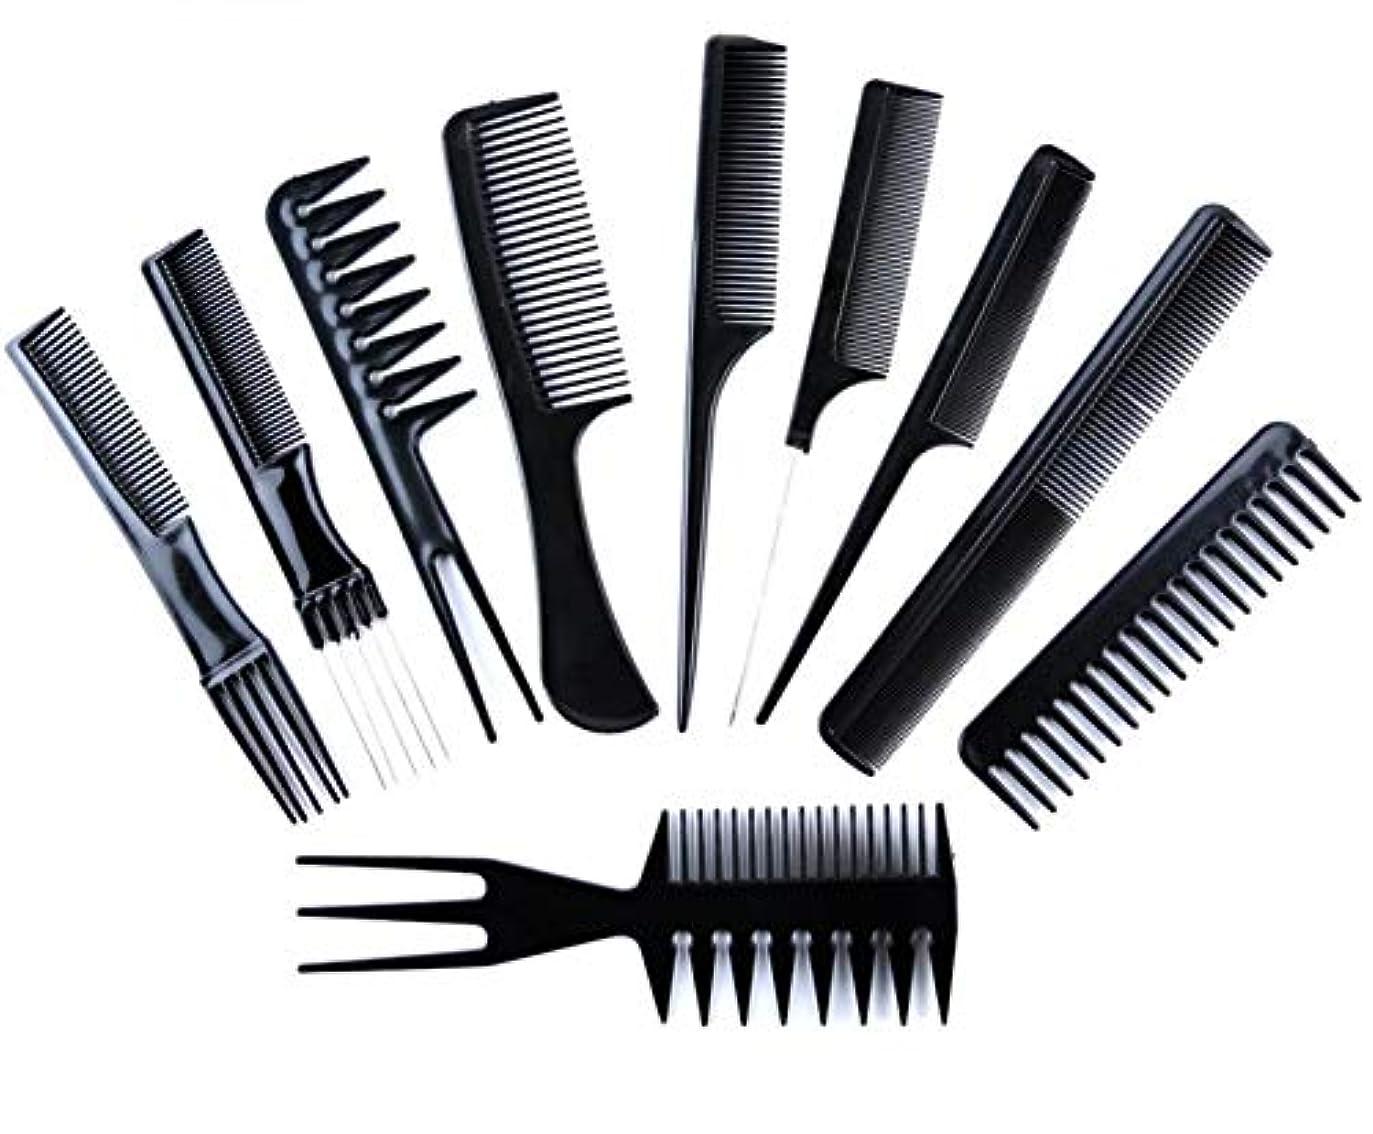 推測適応するリーチ髪の櫛、黒髪の櫛、帯電防止抗折れ防止結び目のない櫛、理髪の10組の長い髪の櫛の髪の櫛、美容院の必須の理髪ツール、理髪の櫛のギフト